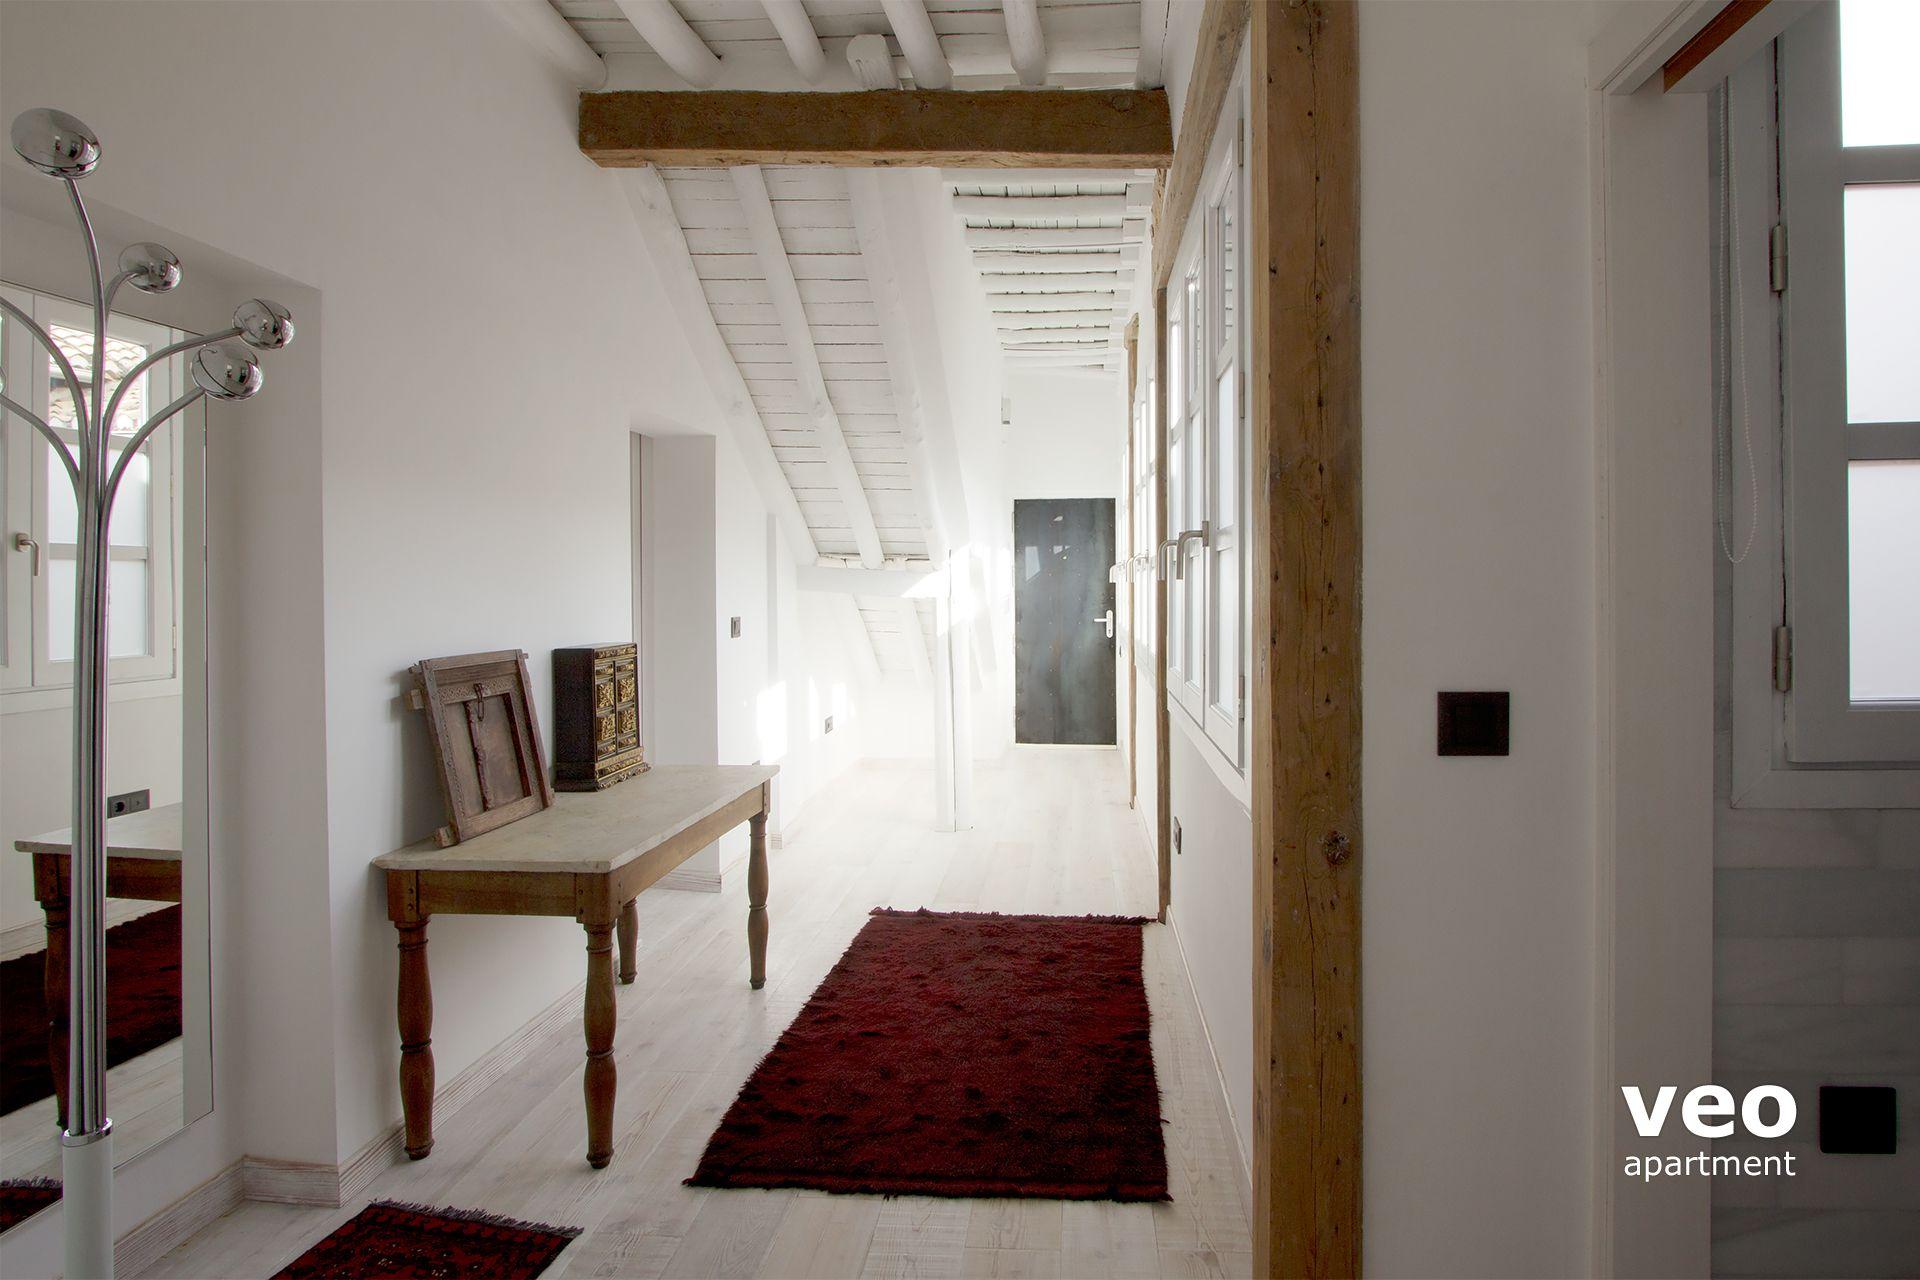 meubles cafe kilkenny obtenga ideas dise o de muebles para su hogar aqu. Black Bedroom Furniture Sets. Home Design Ideas